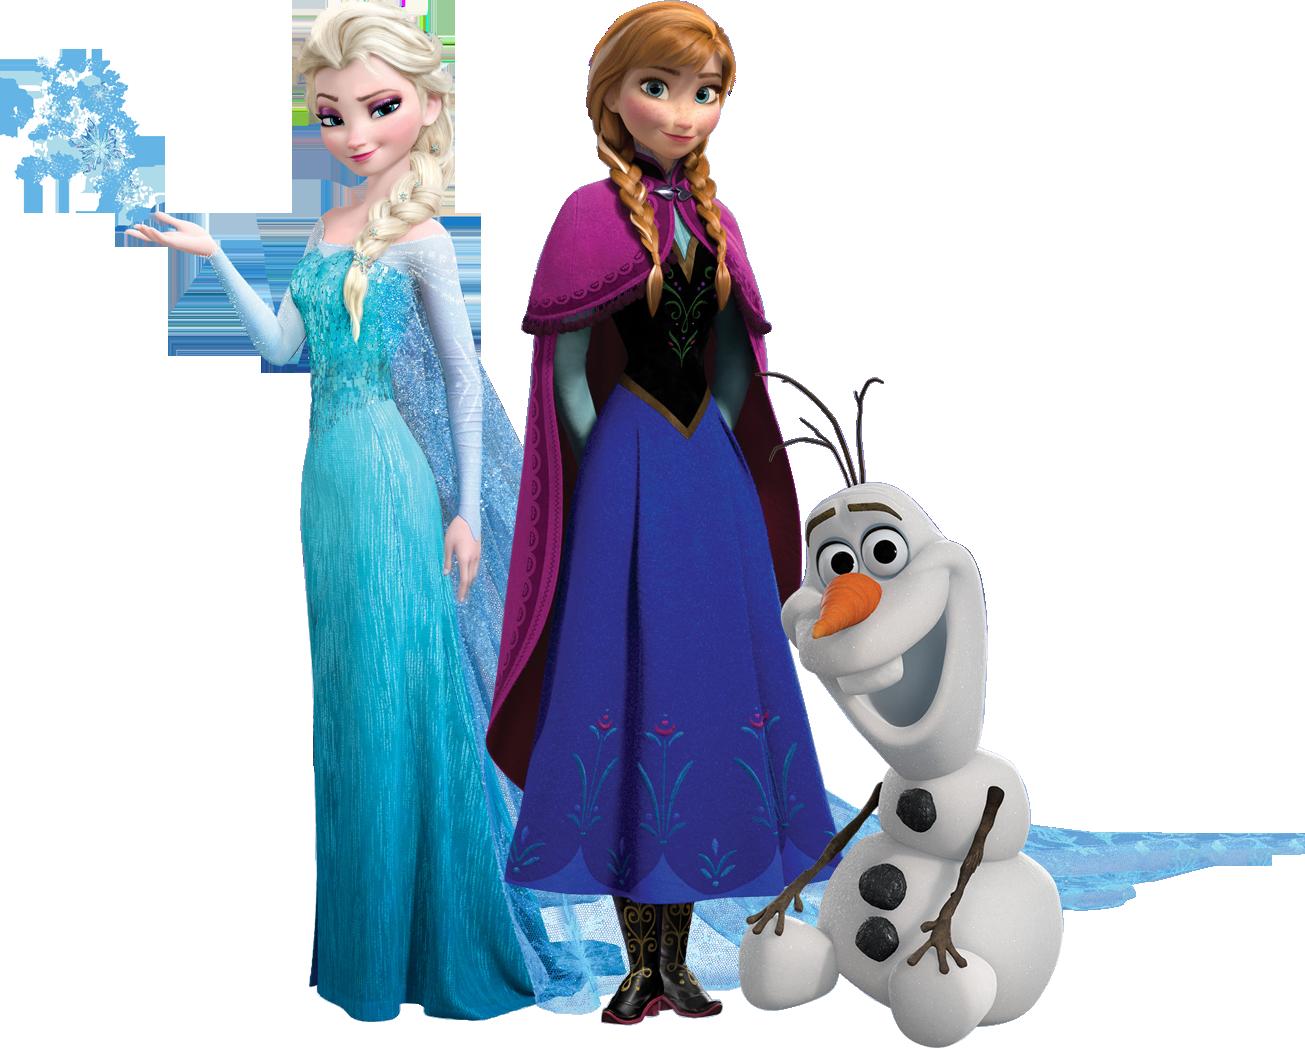 Frozen 2 Pack Collection Png Images Instant Download Elsa Frozen Elsa Princess Anna Frozen